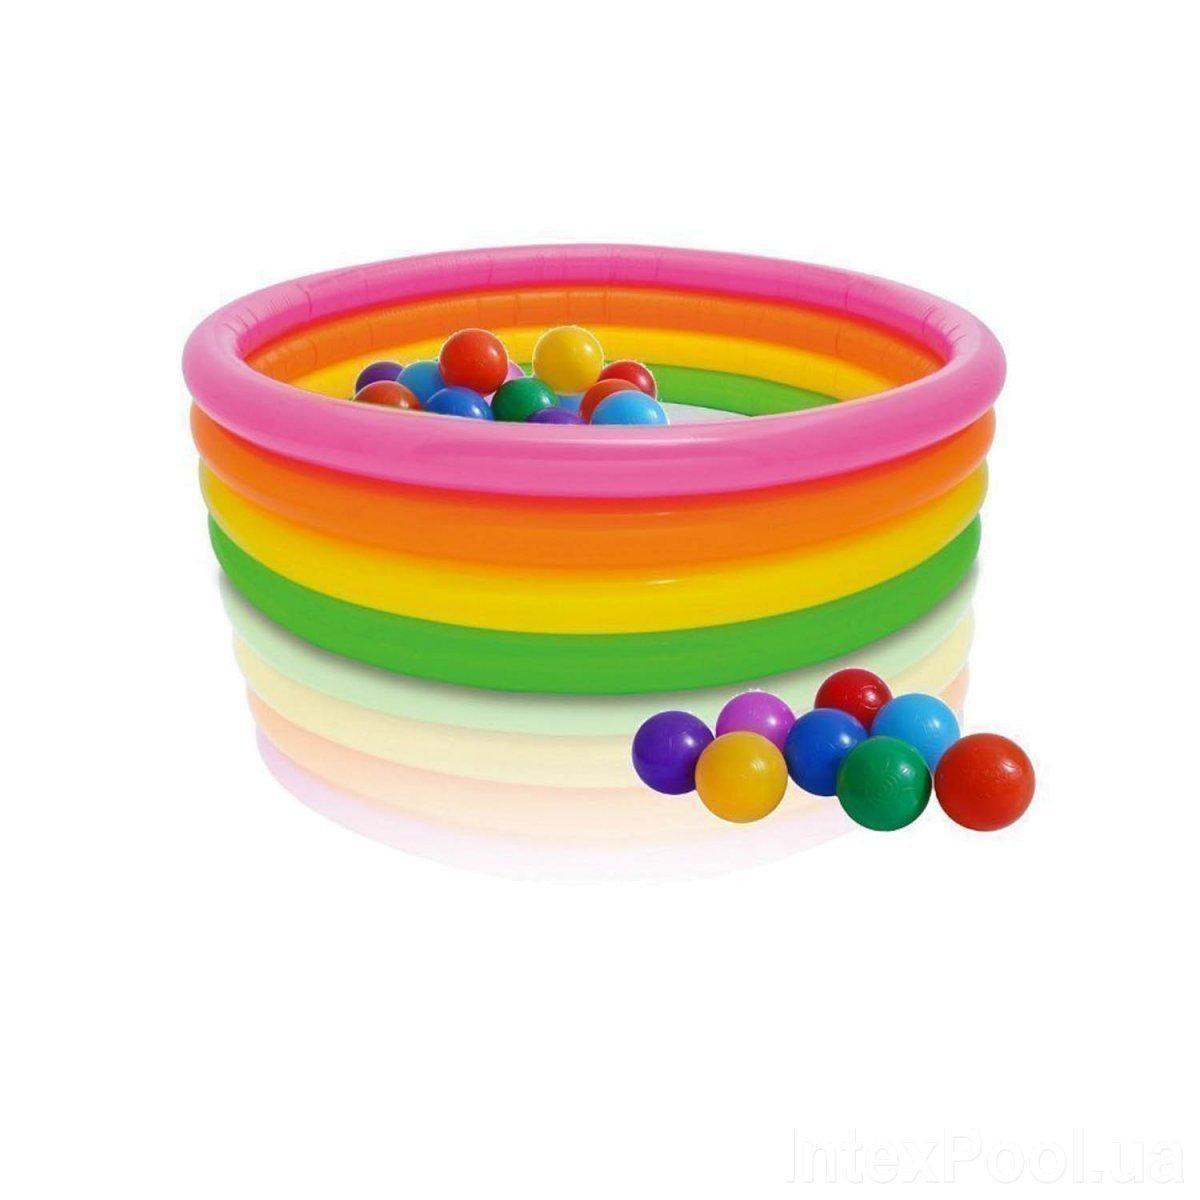 Детский надувной бассейн Intex 56441-1 Радуга, 168 х 46 см, с шариками 10 шт